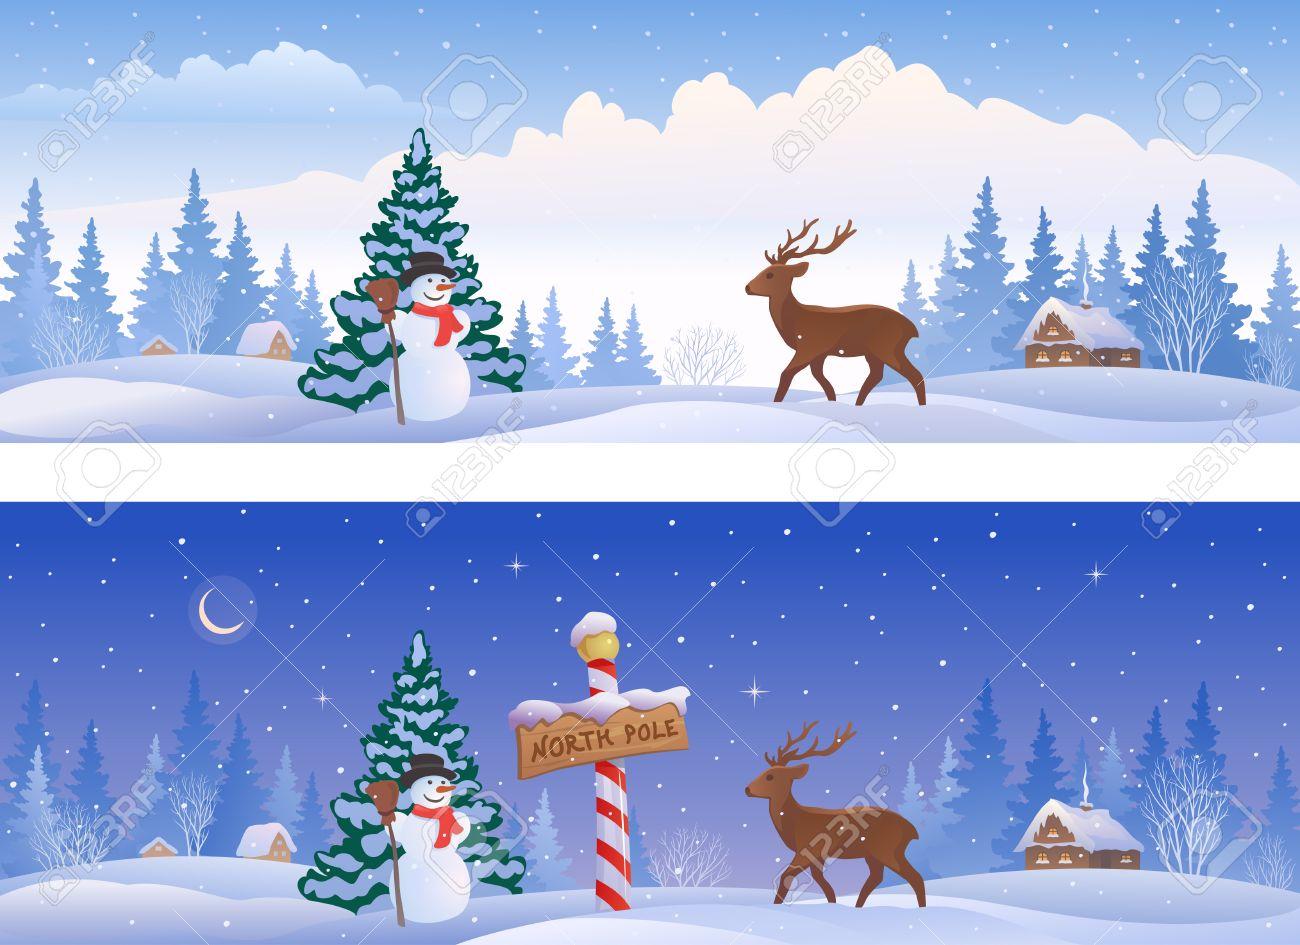 北極記号雪だるま鹿パノラマ バナー クリスマス風景のイラストの